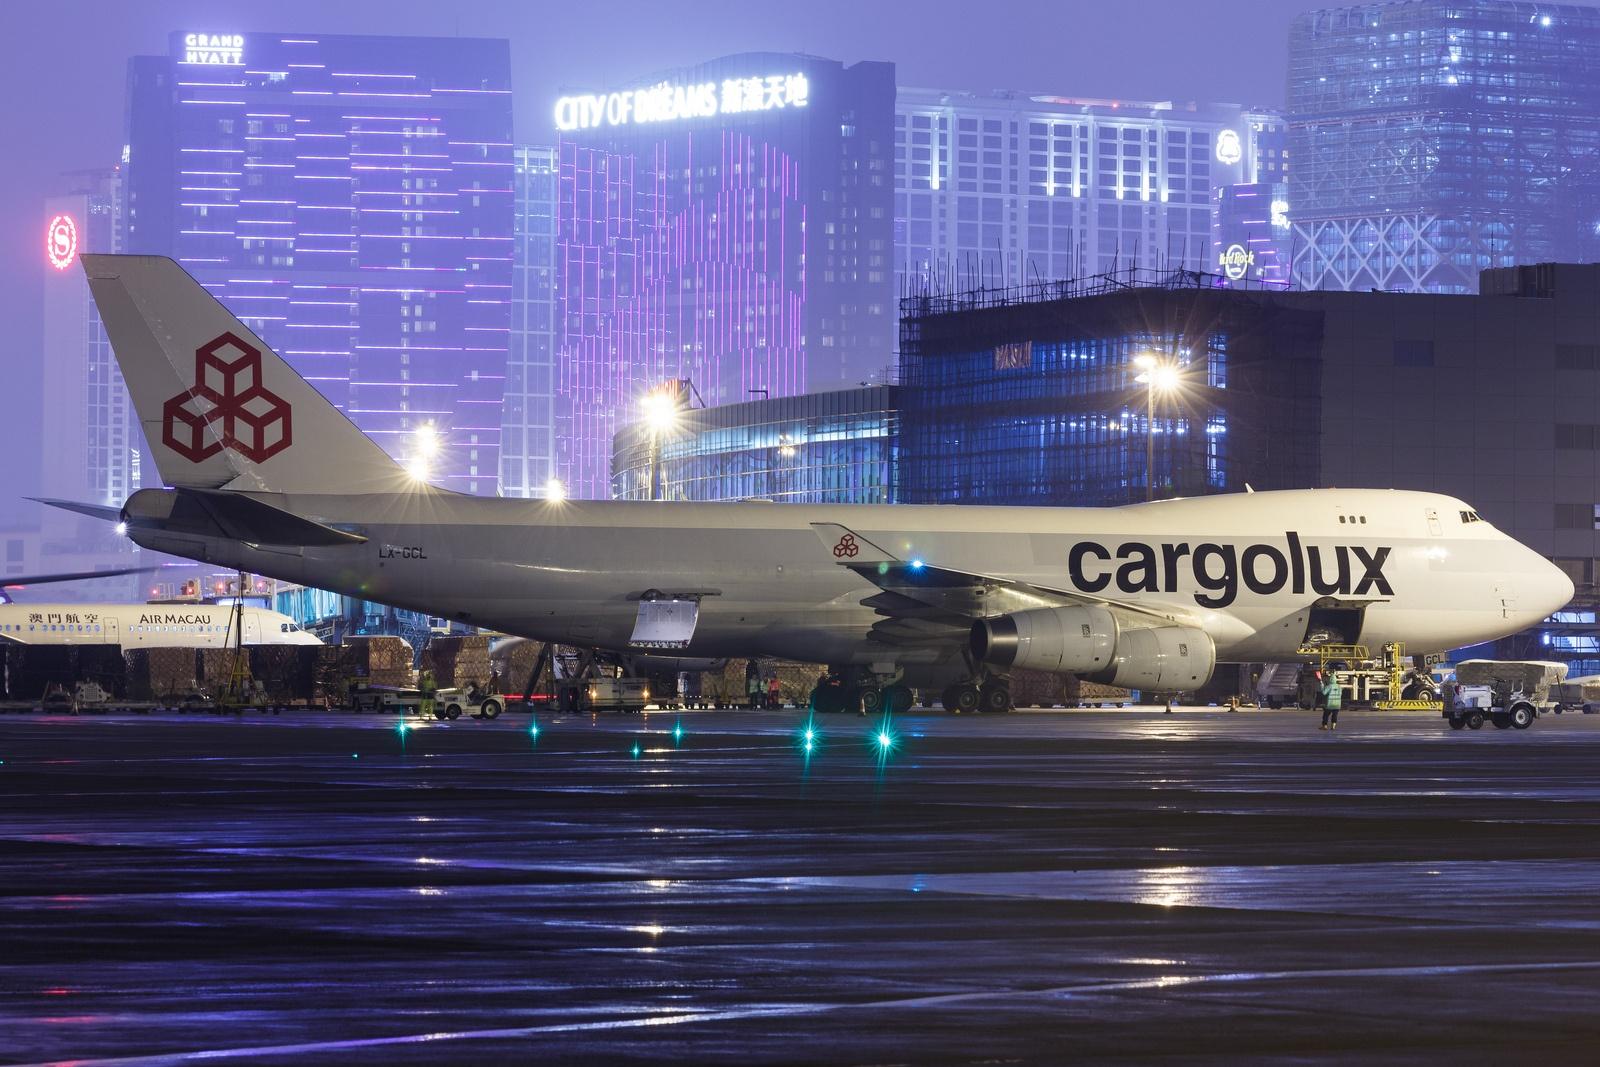 Macau casinos visitor arrivals